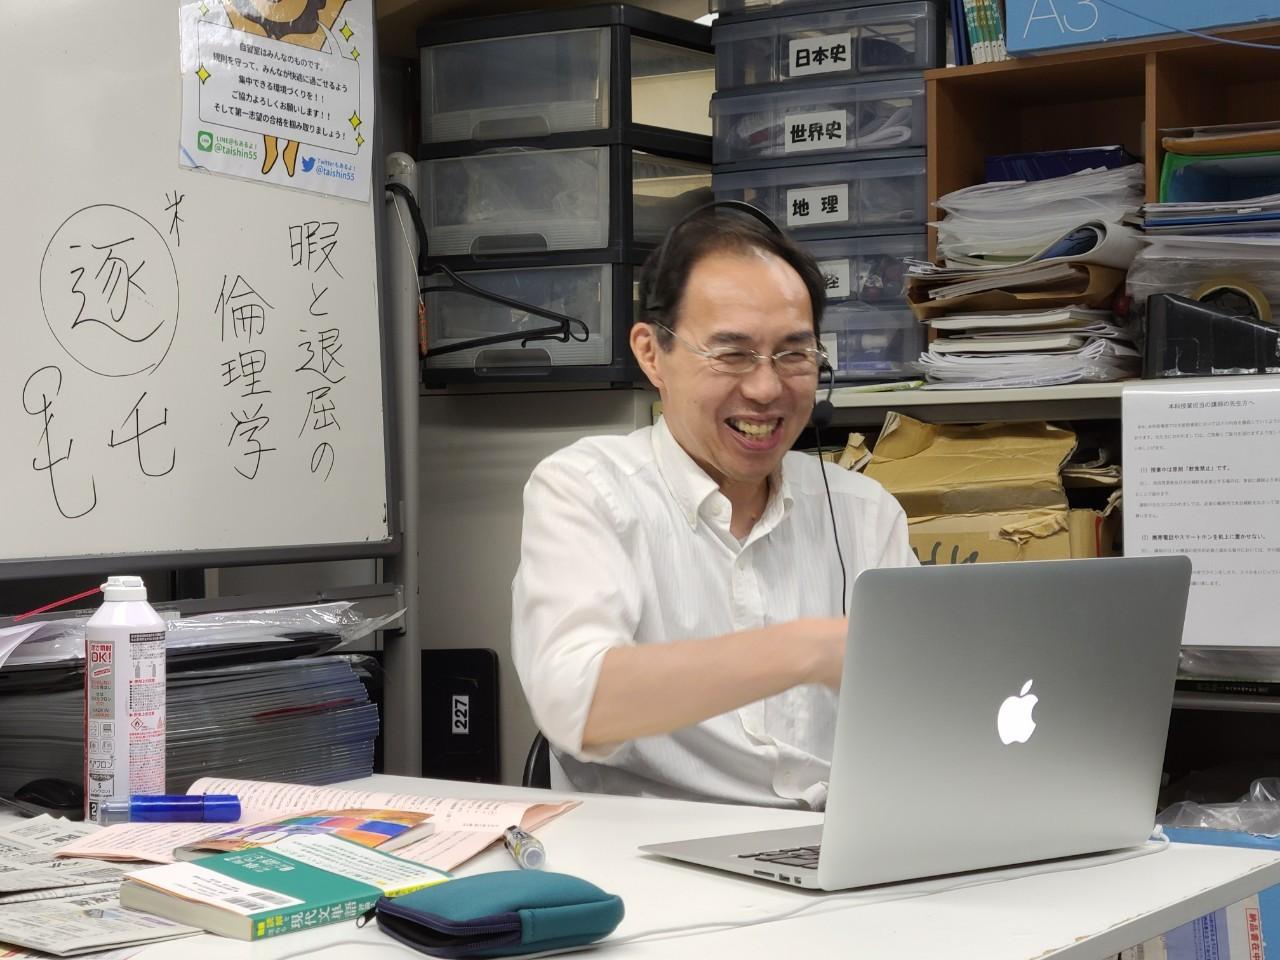 浦野先生の授業写真です_200706_2.jpg